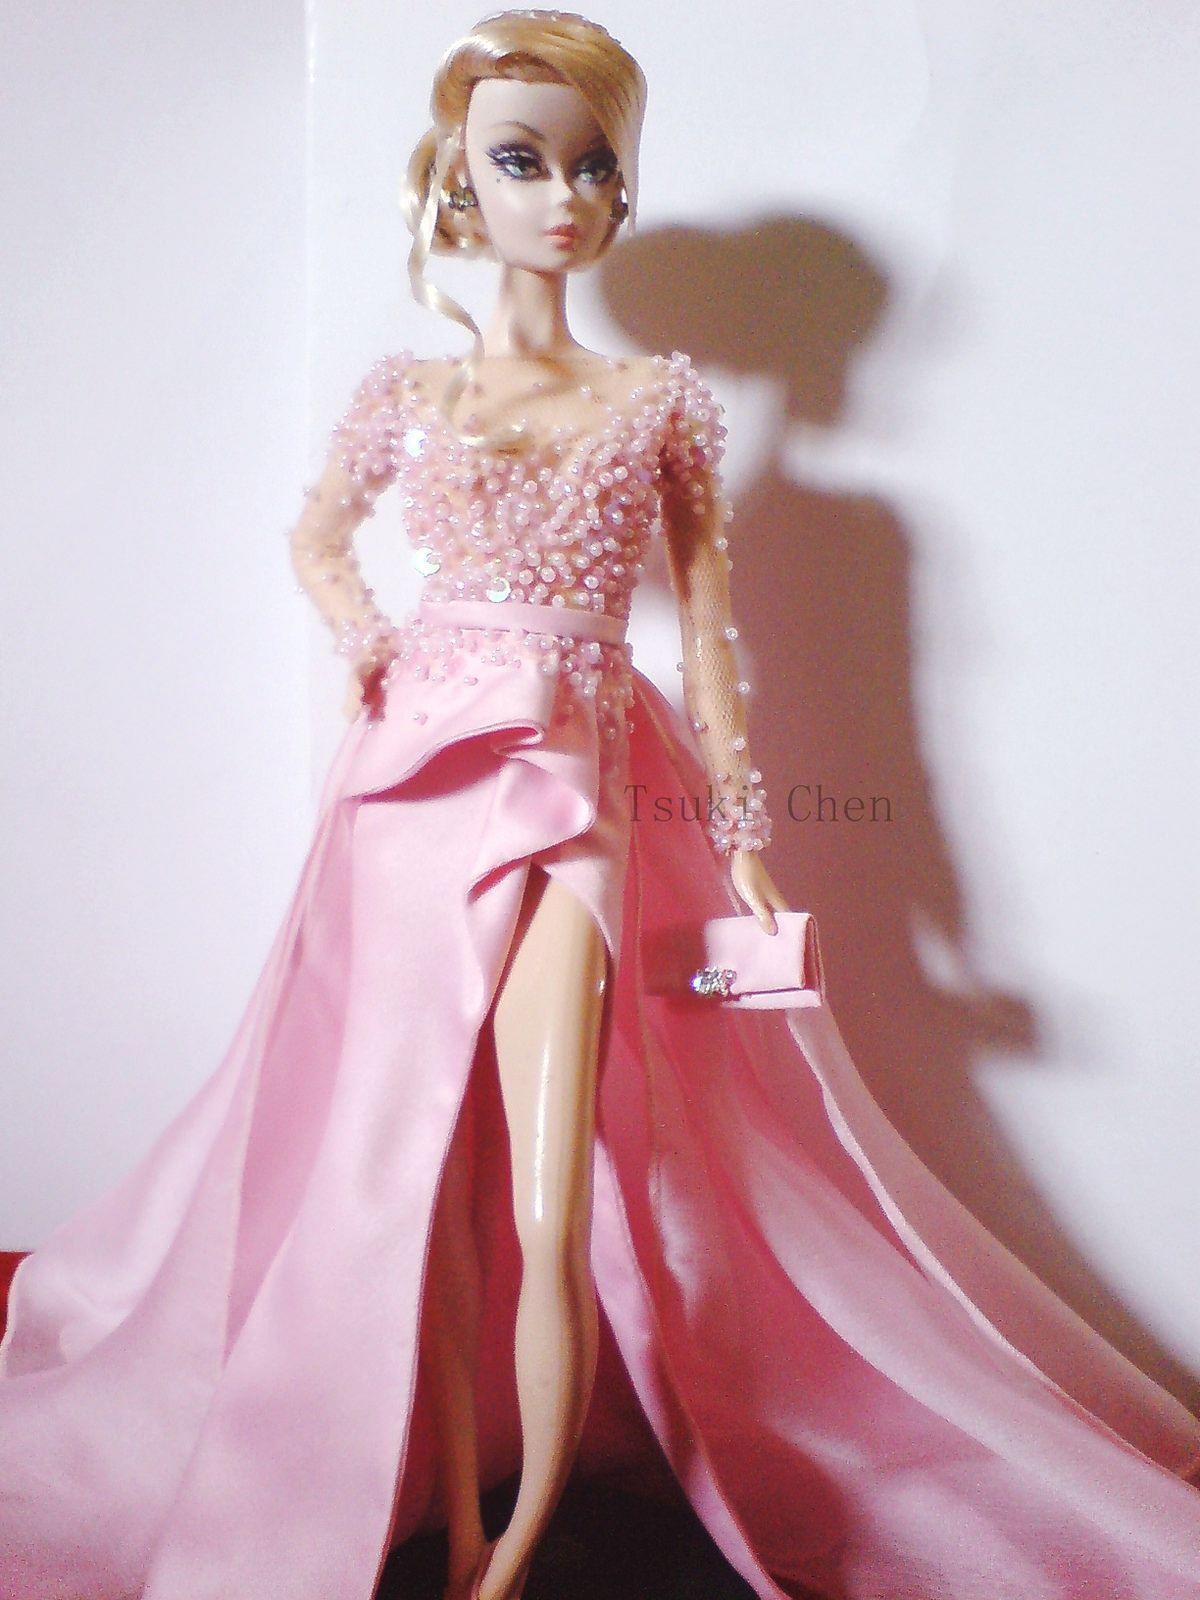 Berühmt Barbie Prom Kleid Fotos - Brautkleider Ideen - bodmaslive.com